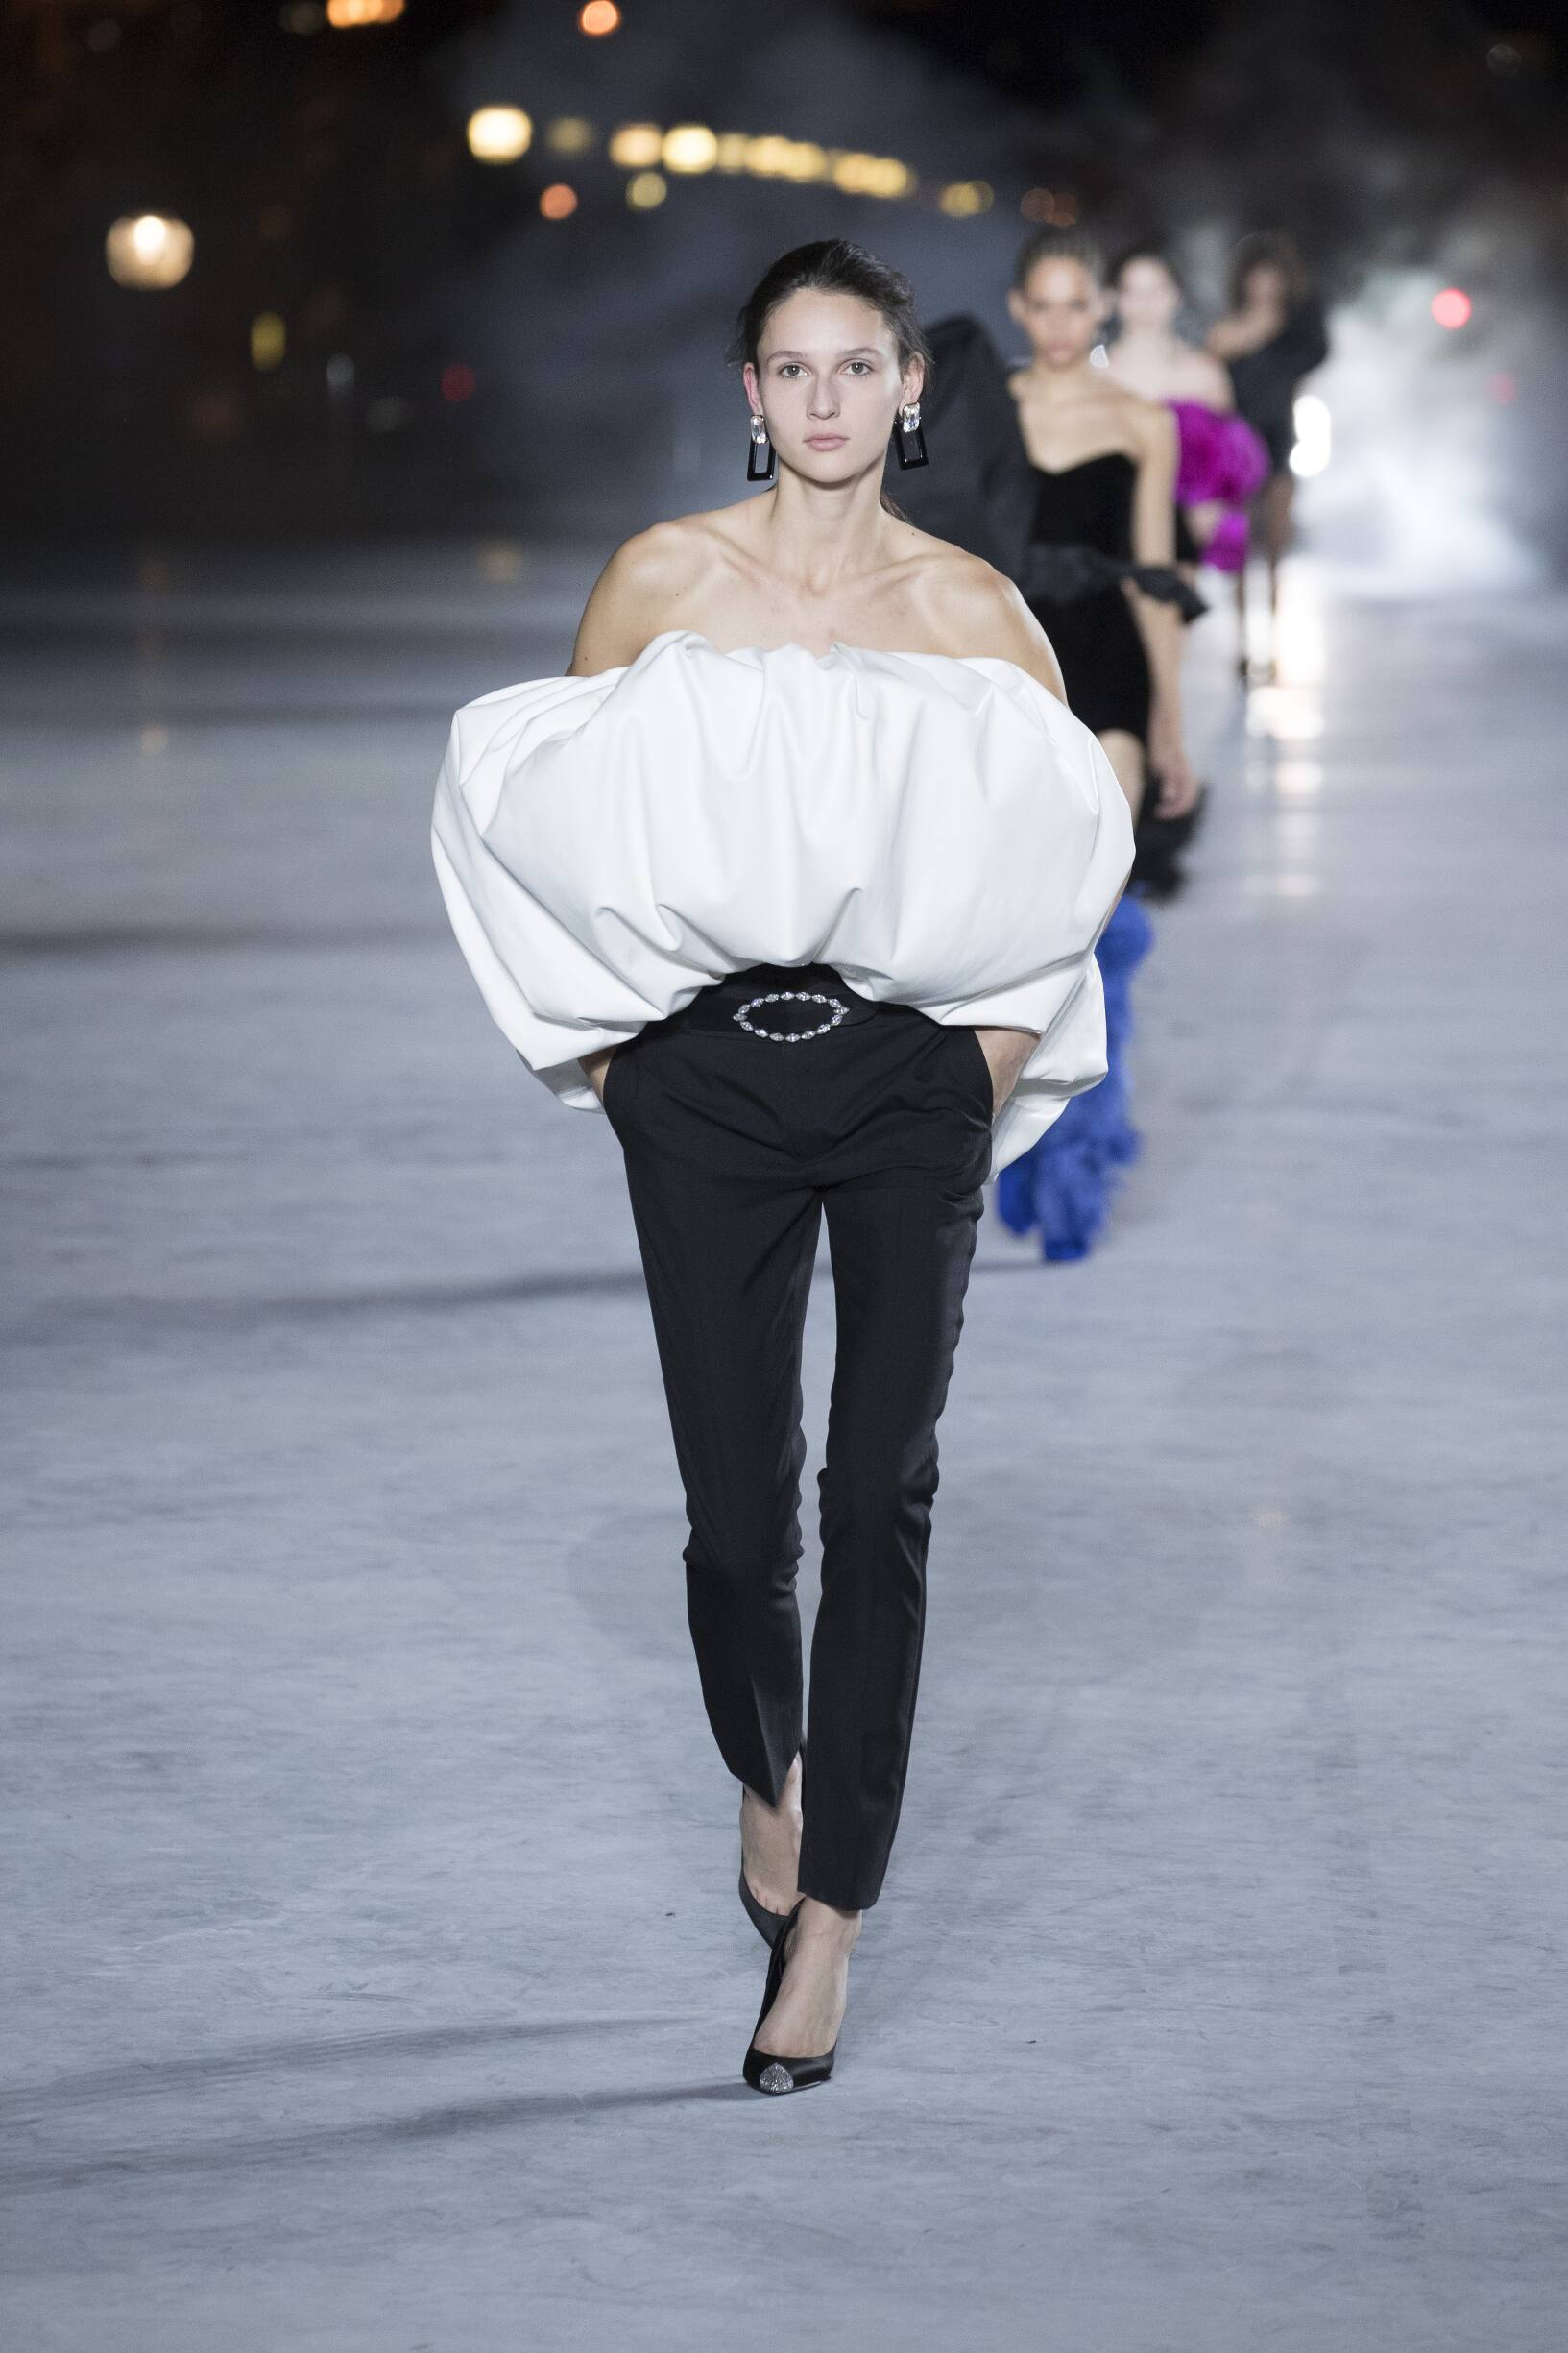 Catwalk Saint Laurent Woman Fashion Show Summer 2018